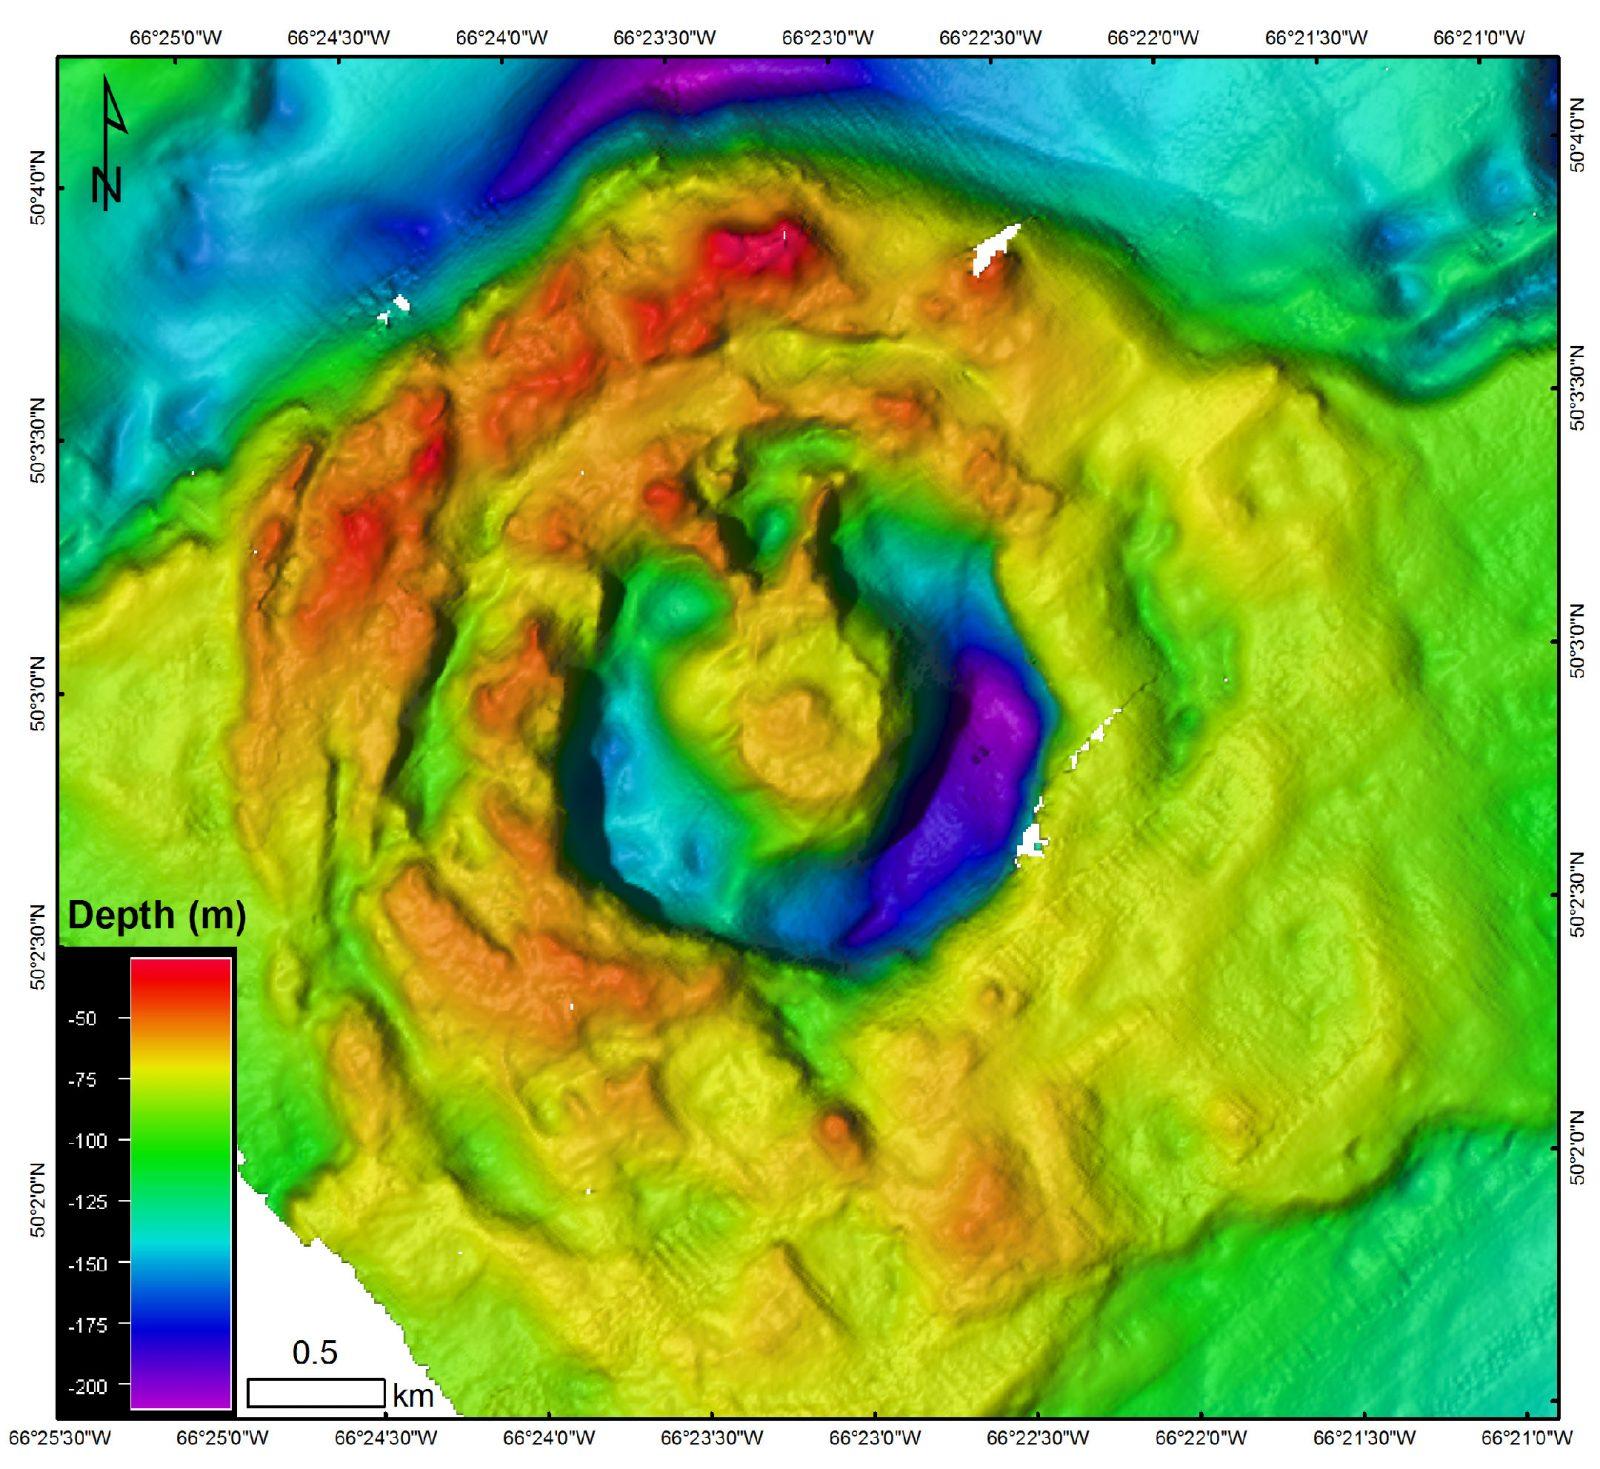 Cratère du Corossol: Découverte scientifique importante